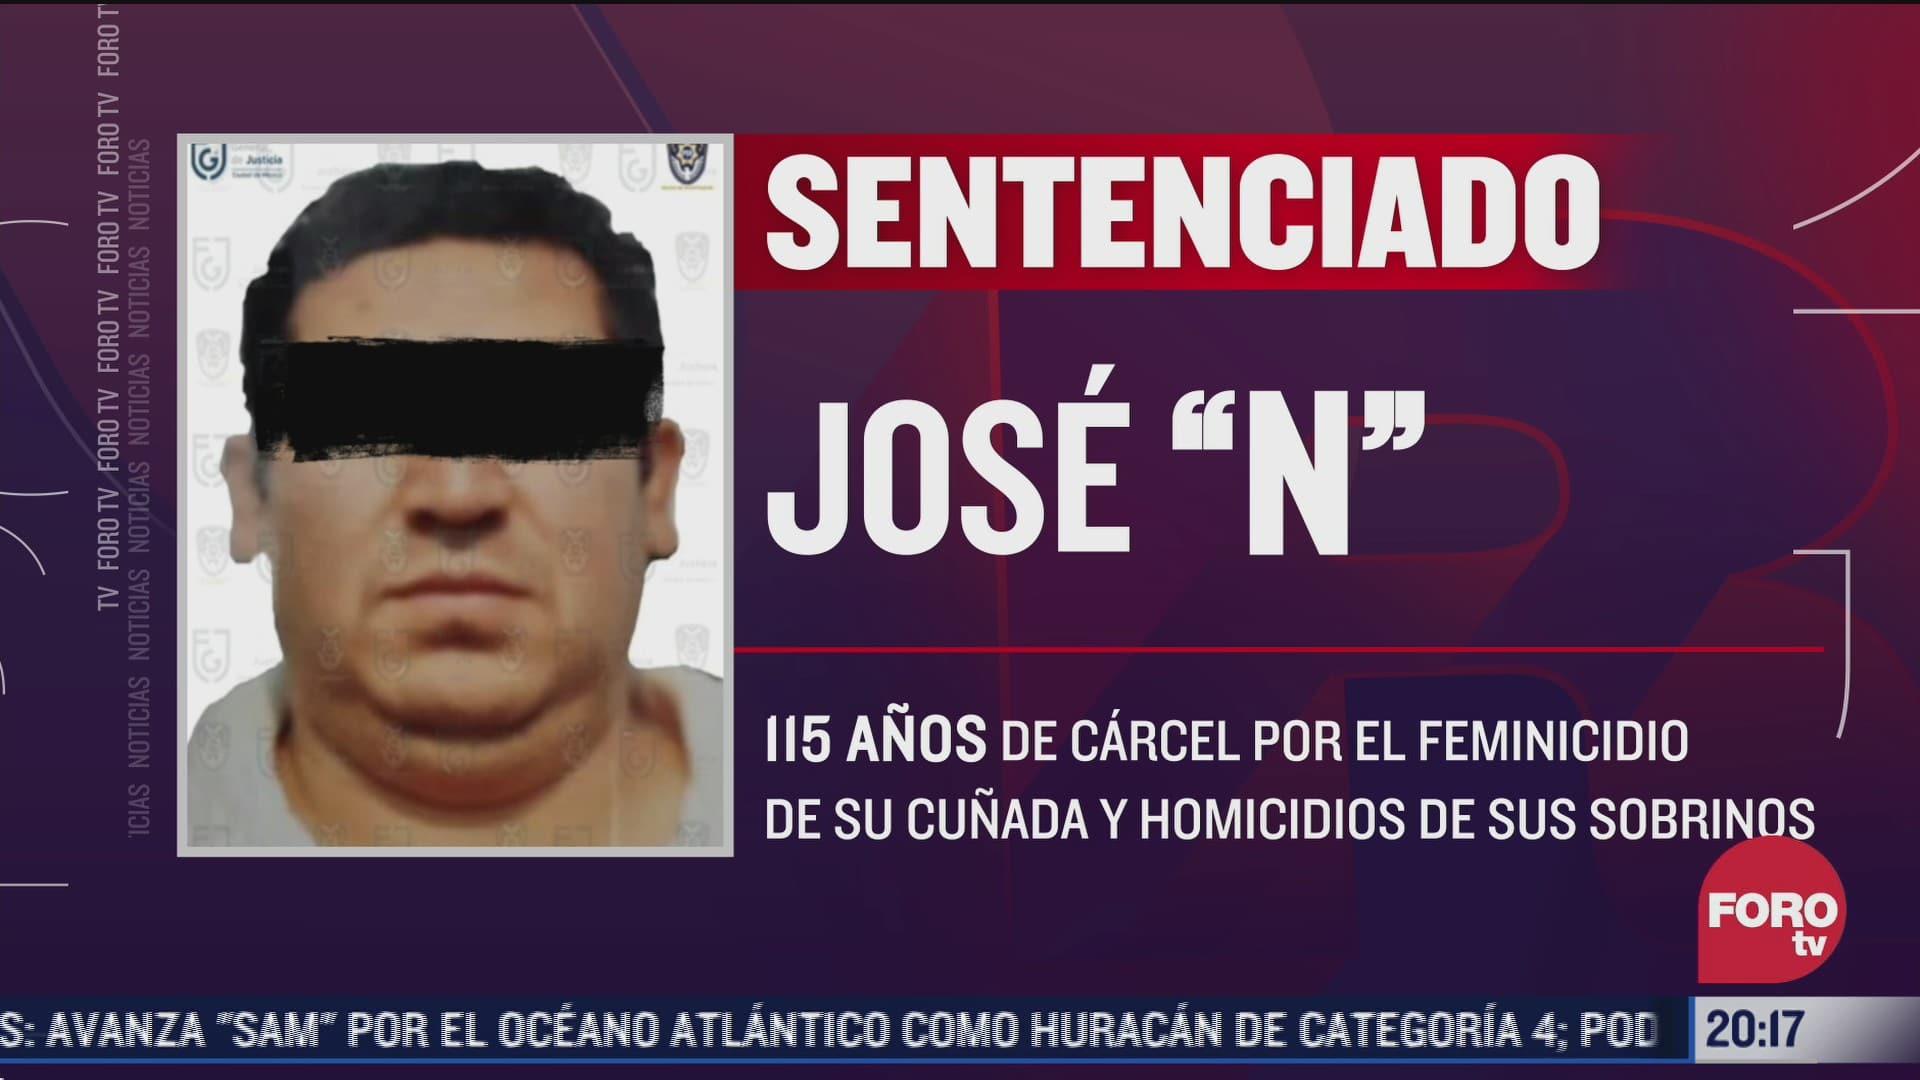 sentencia a hombre a 115 anos de carcel por asesinar a su cunada